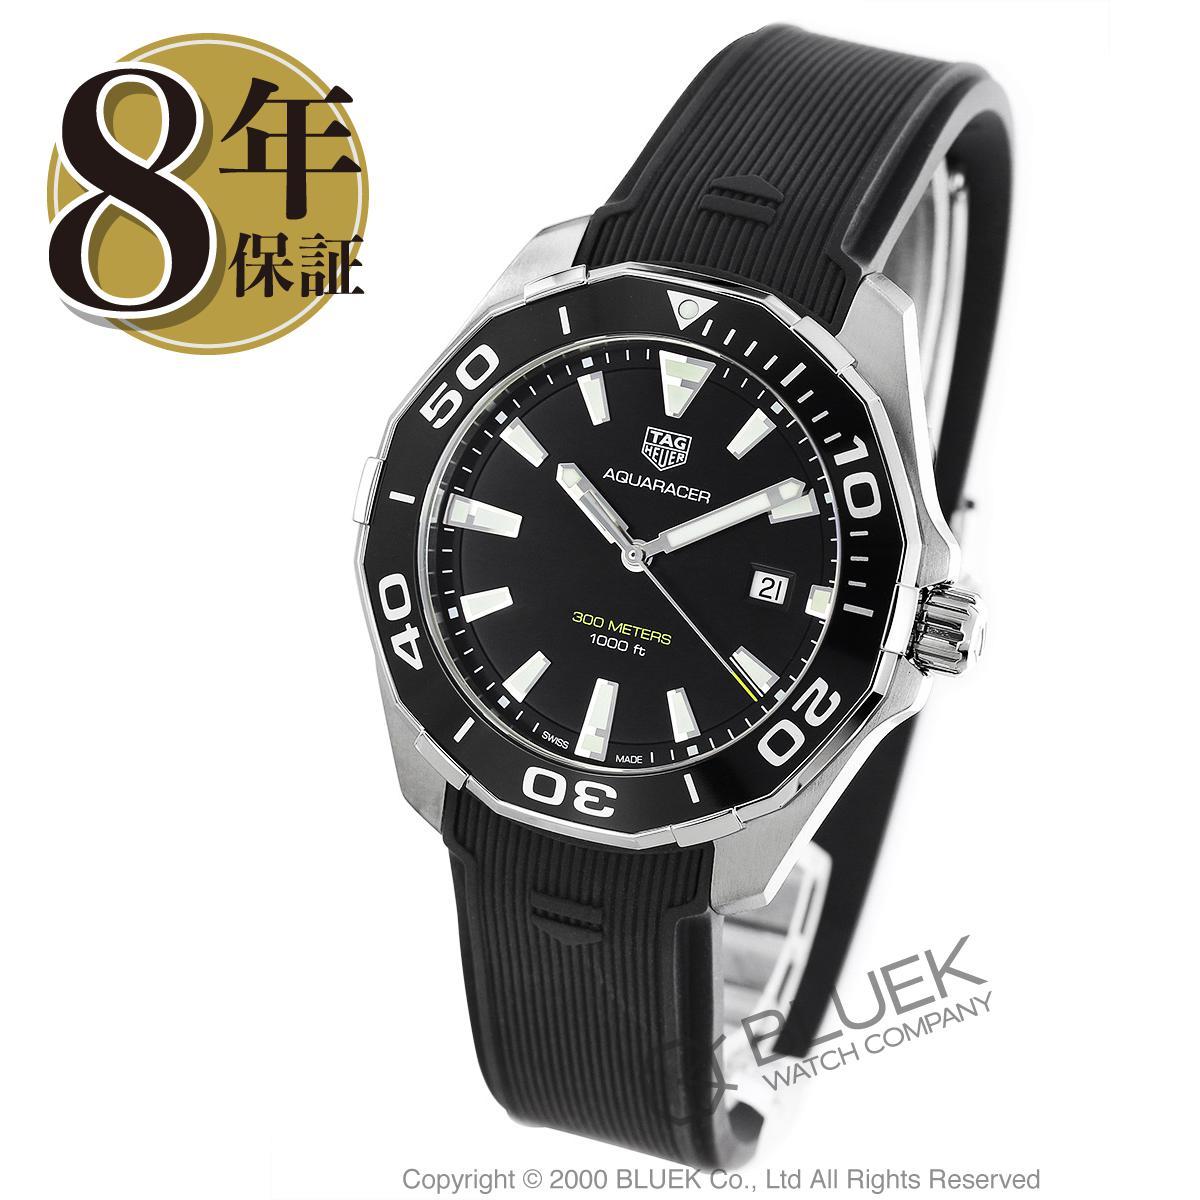 タグホイヤー アクアレーサー 300m防水 腕時計 メンズ TAG Heuer WAY101A.FT6141_8